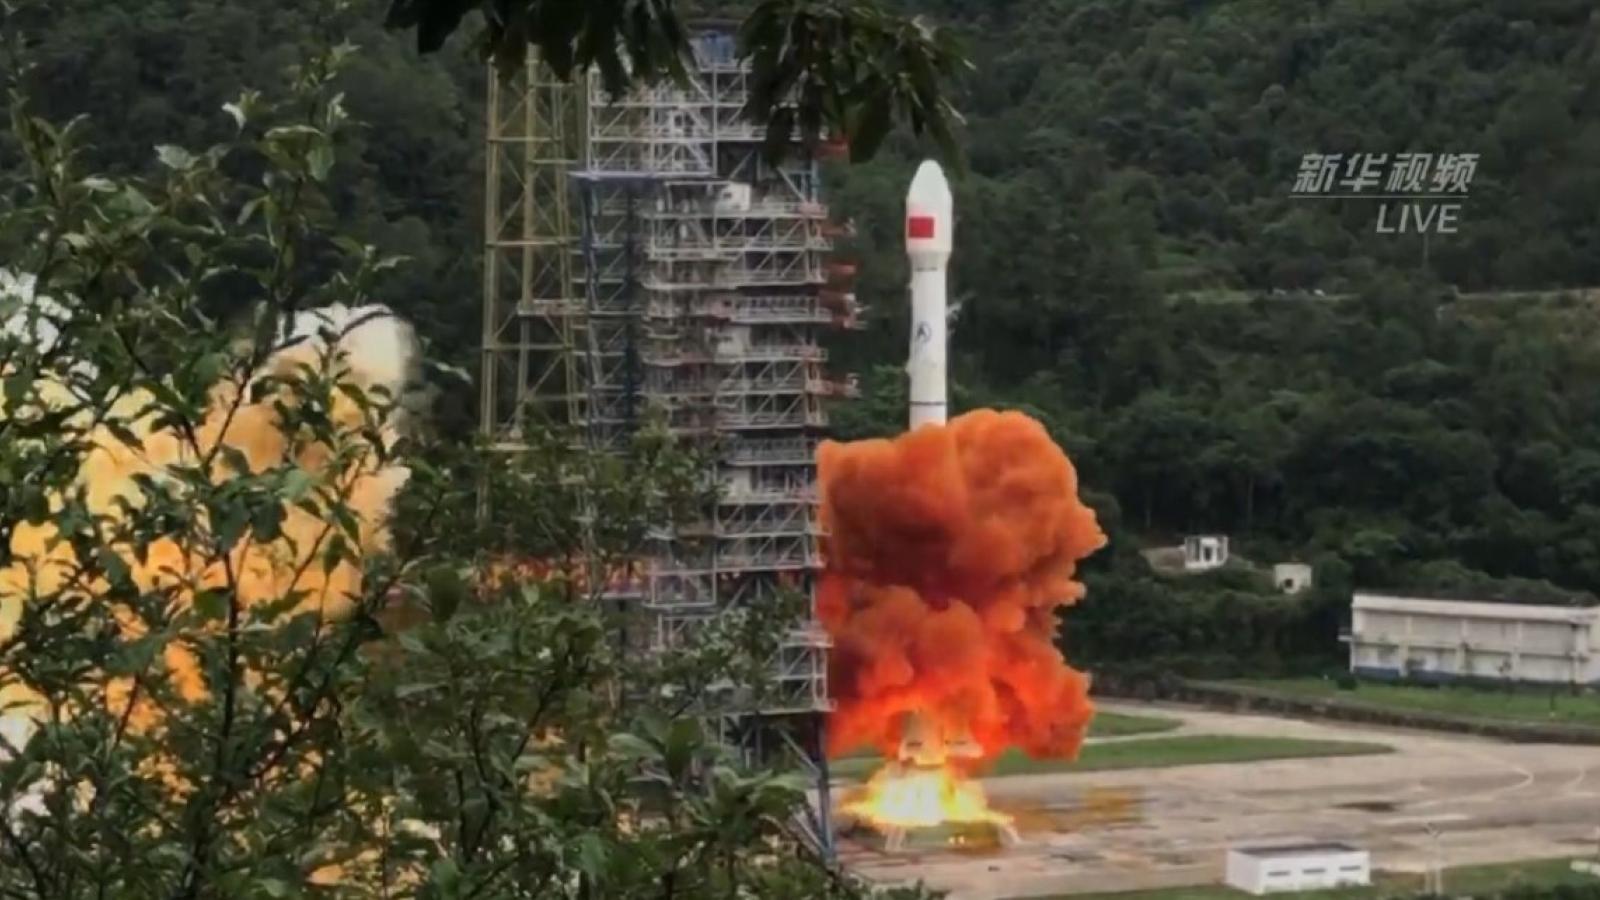 Trung Quốc hoàn thành Hệ thống vệ tinh định vị dẫn đường Bắc Đẩu 3